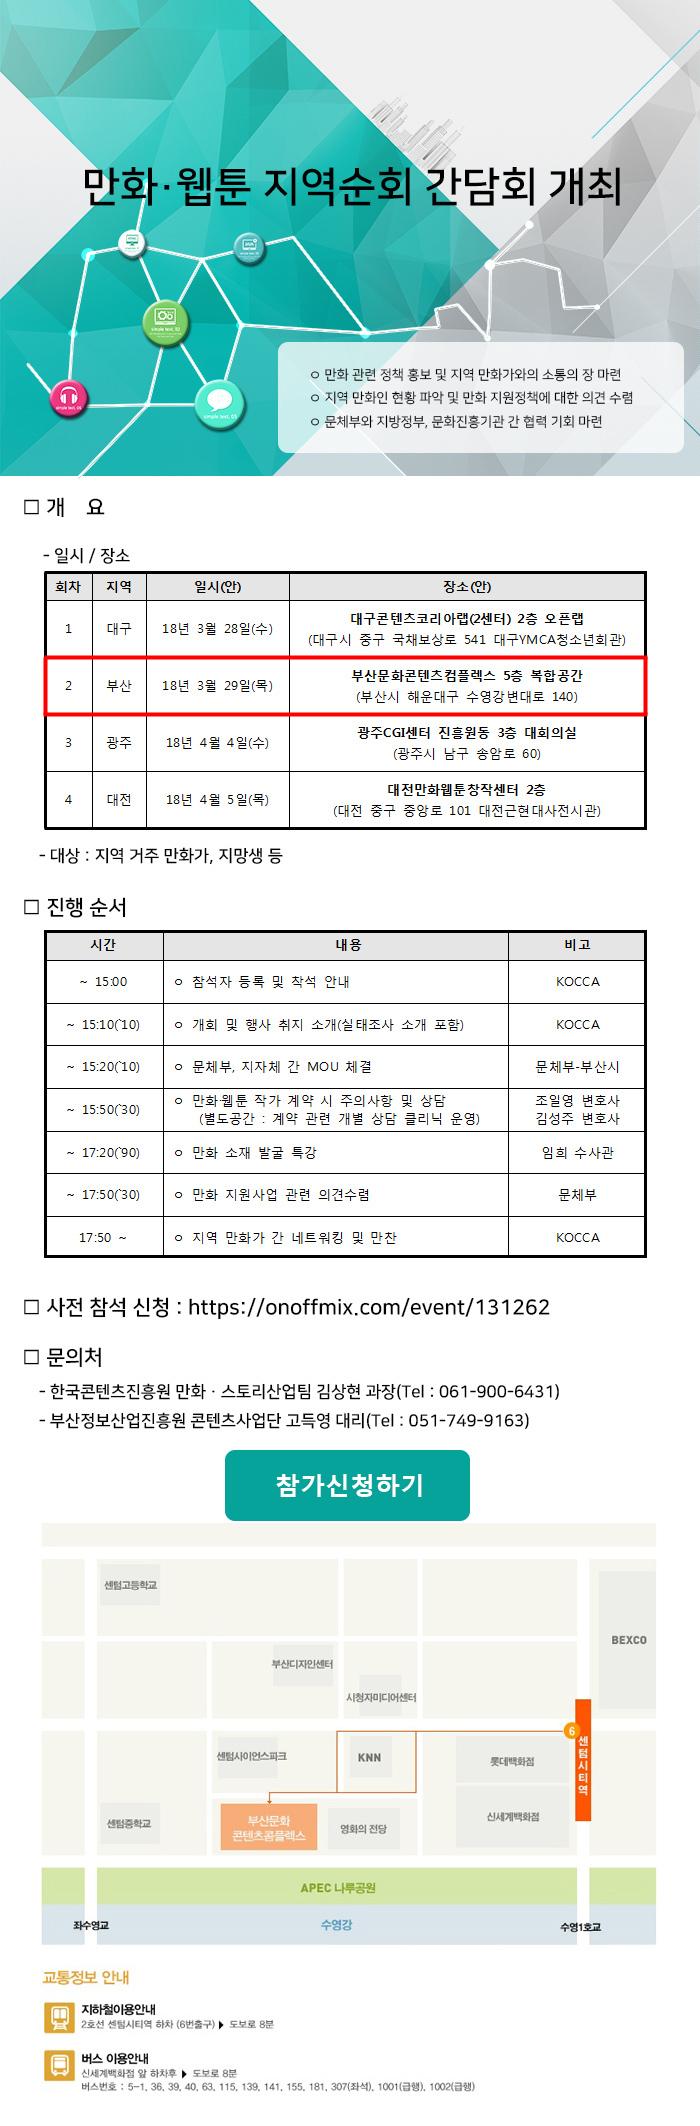 만화ㆍ웹툰 지역순회 간담회 개최